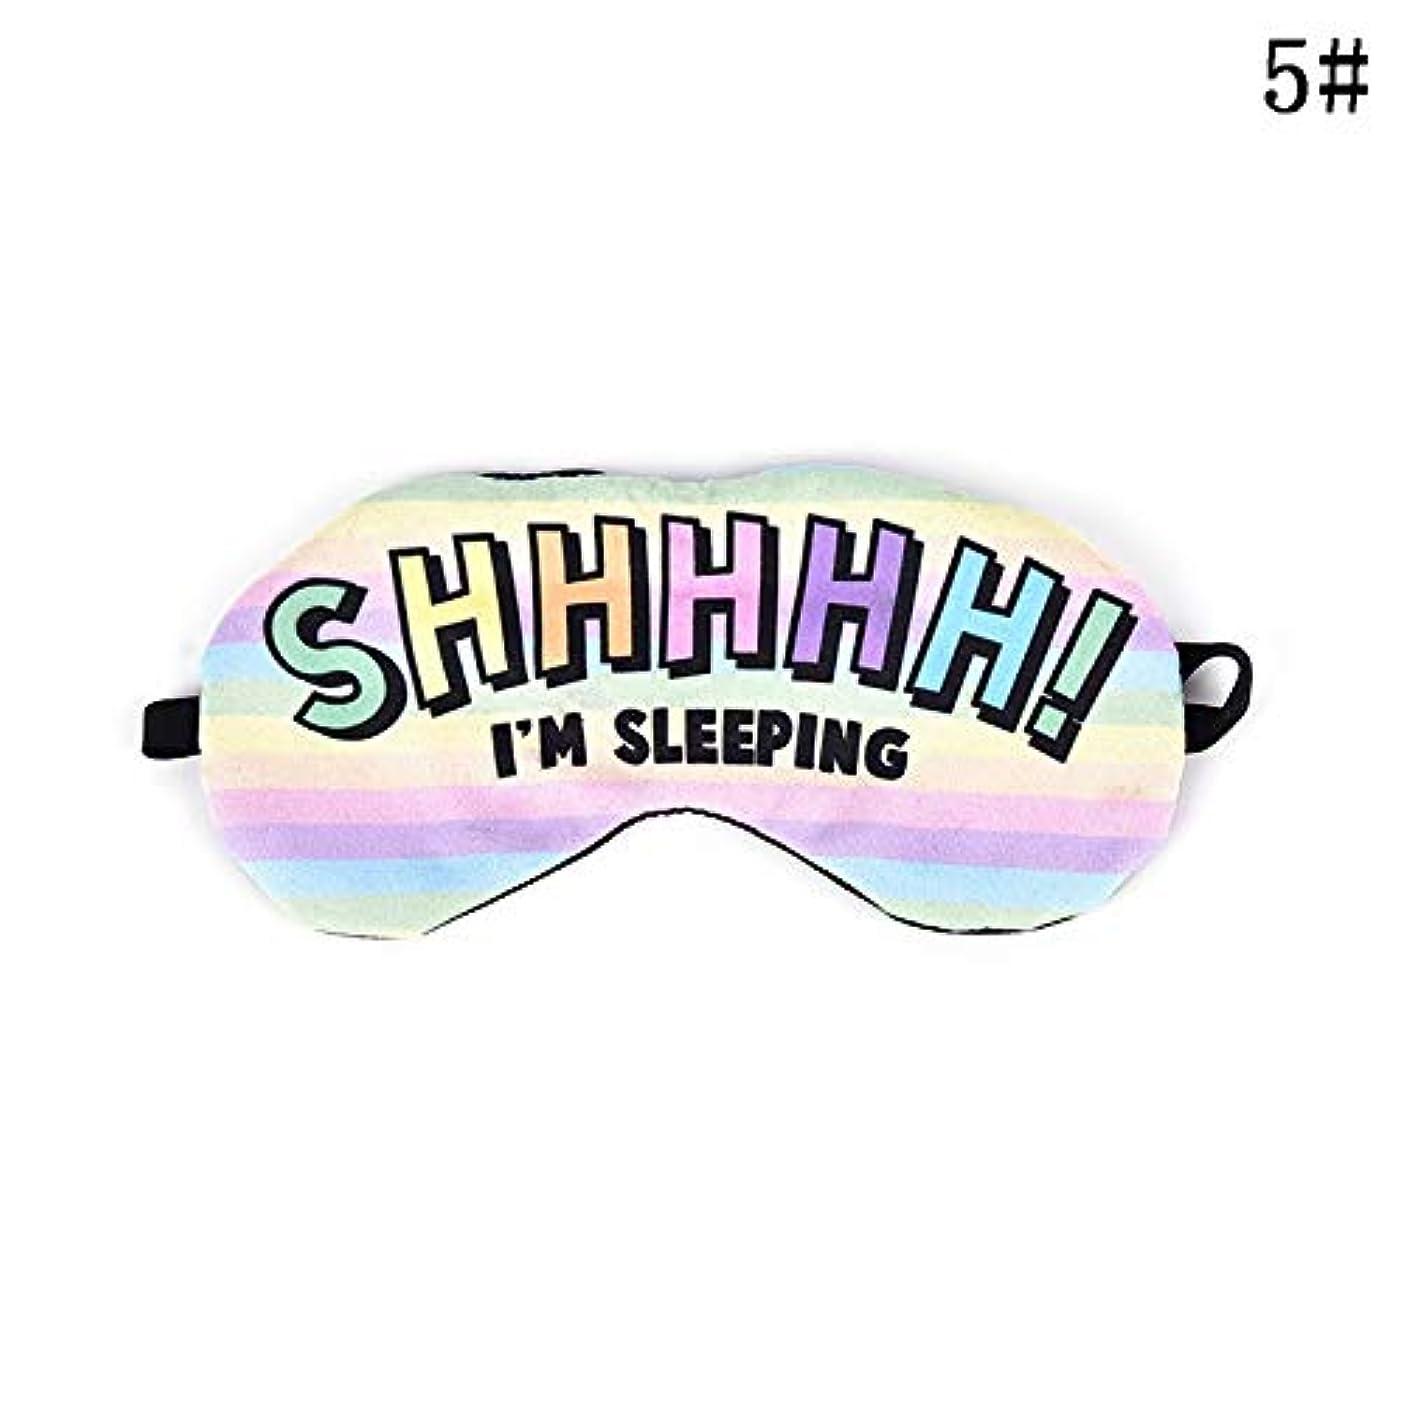 モニカ女の子嫉妬NOTE 1ピースかわいい睡眠マスク休息リラックス睡眠補助目隠しカバーアイパッチ睡眠マスク旅行アイパッチケース睡眠休息3dアイマスク